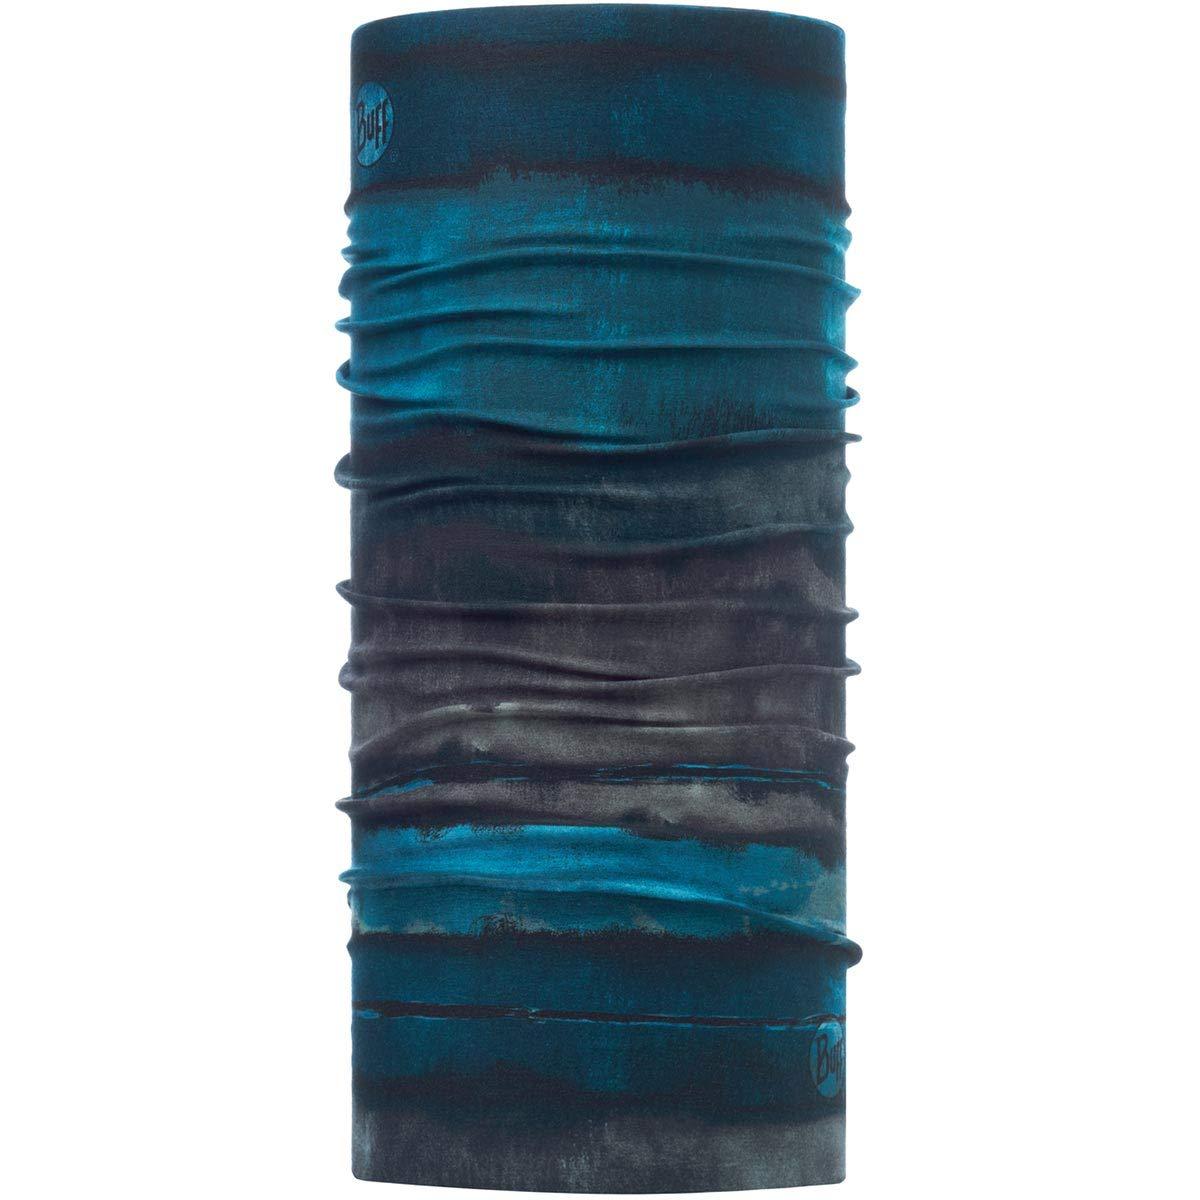 Buff Rotkar, Scaldacollo Ad Alta Protezione UV Unisex – Adulto, Deepteal Blue, Taglia Unica Scaldacollo Ad Alta Protezione UV Unisex - Adulto 117